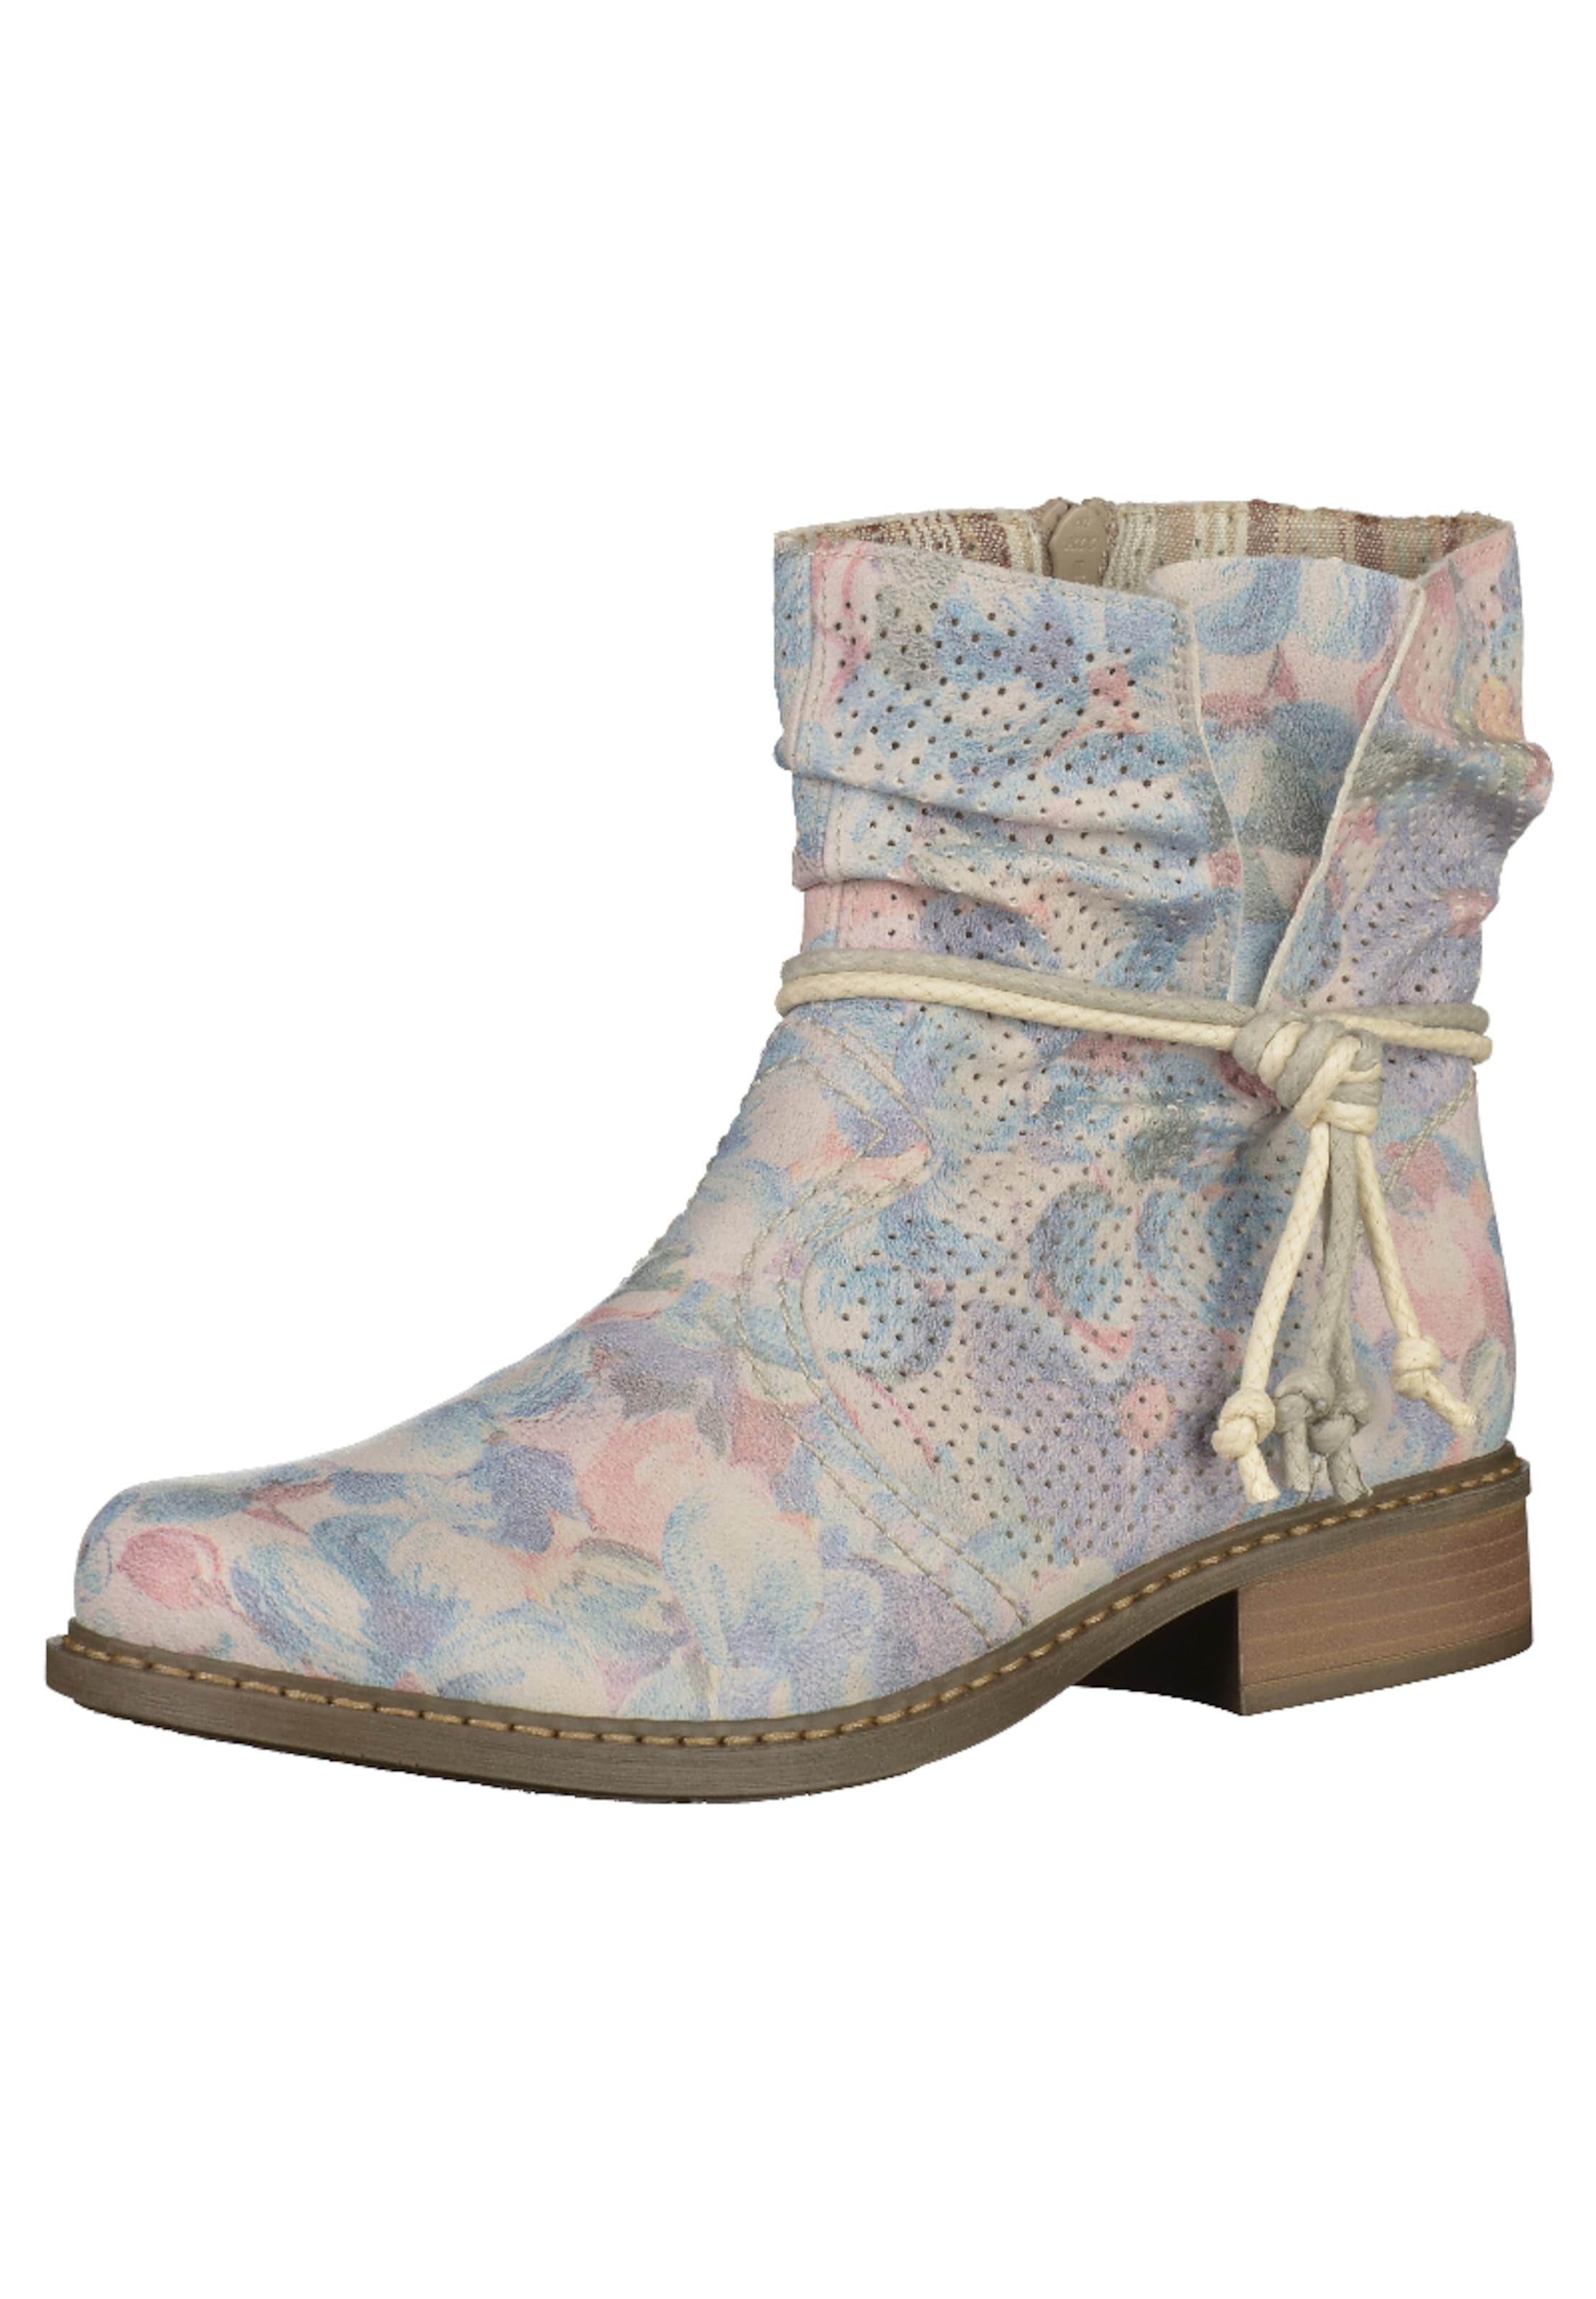 RIEKER Boots mit floralem Print Hohe Qualität